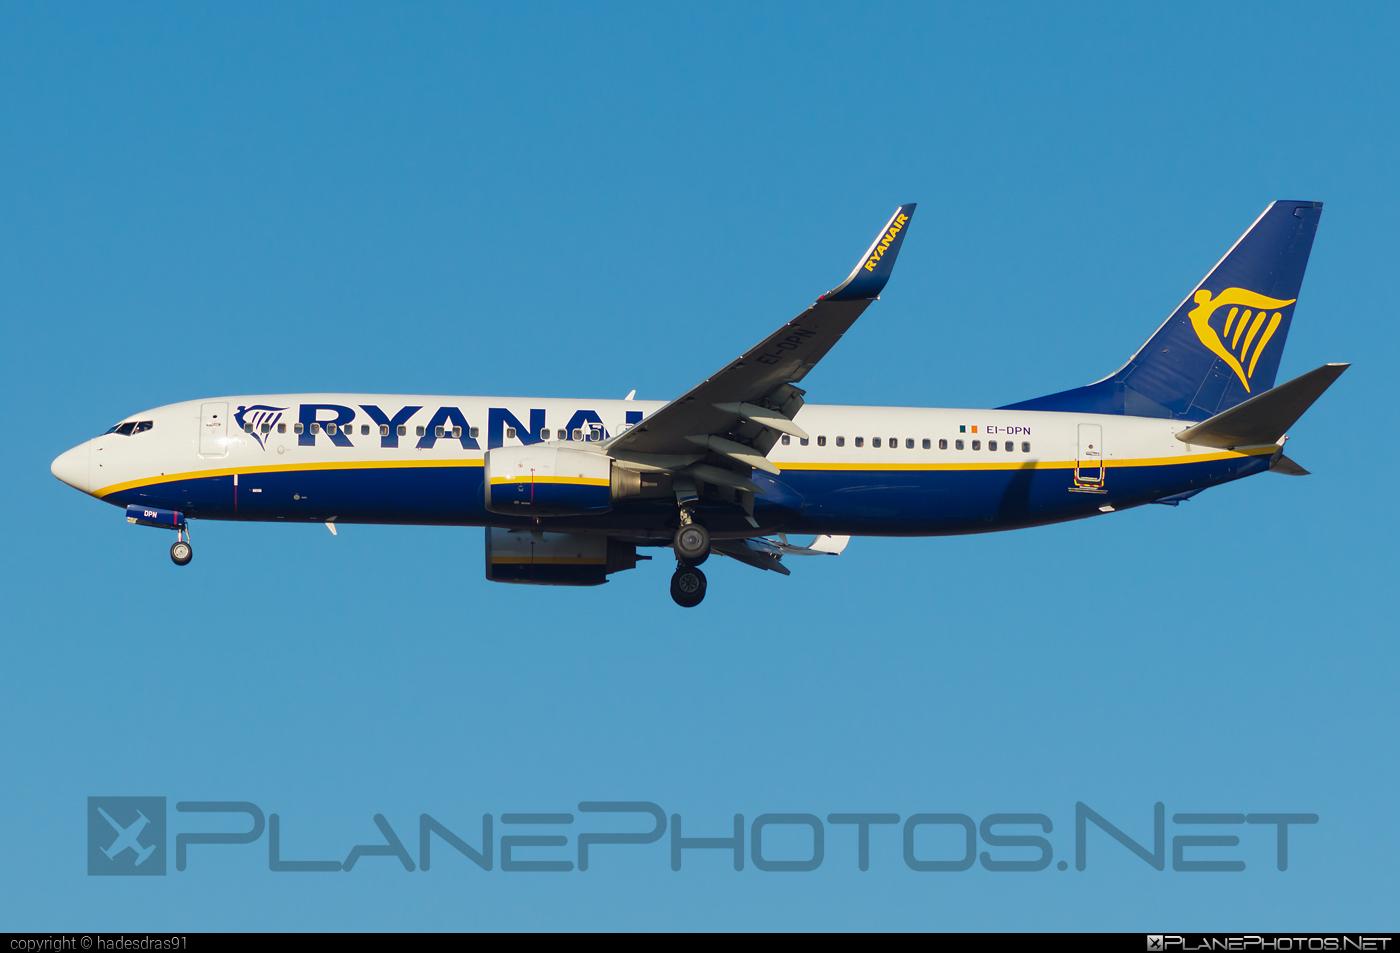 Boeing 737-800 - EI-DPN operated by Ryanair #b737 #b737nextgen #b737ng #boeing #boeing737 #ryanair